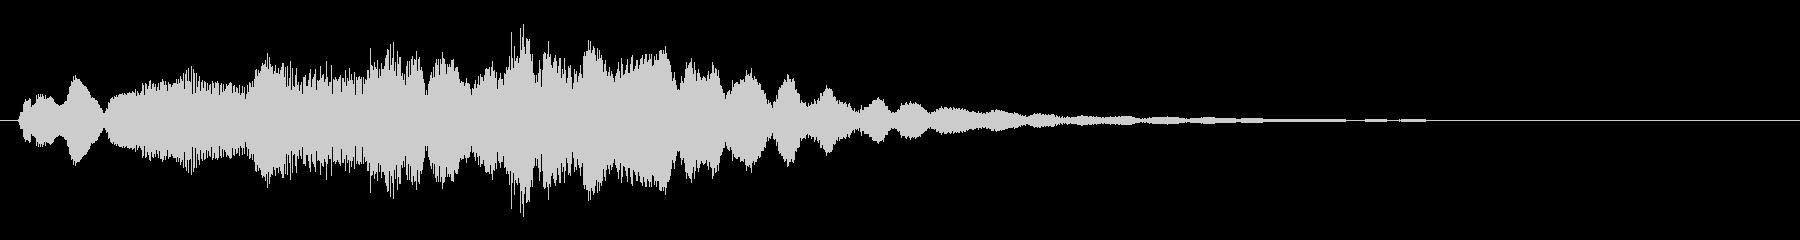 音楽ロゴ;シンセサイザーフルートのみ。の未再生の波形